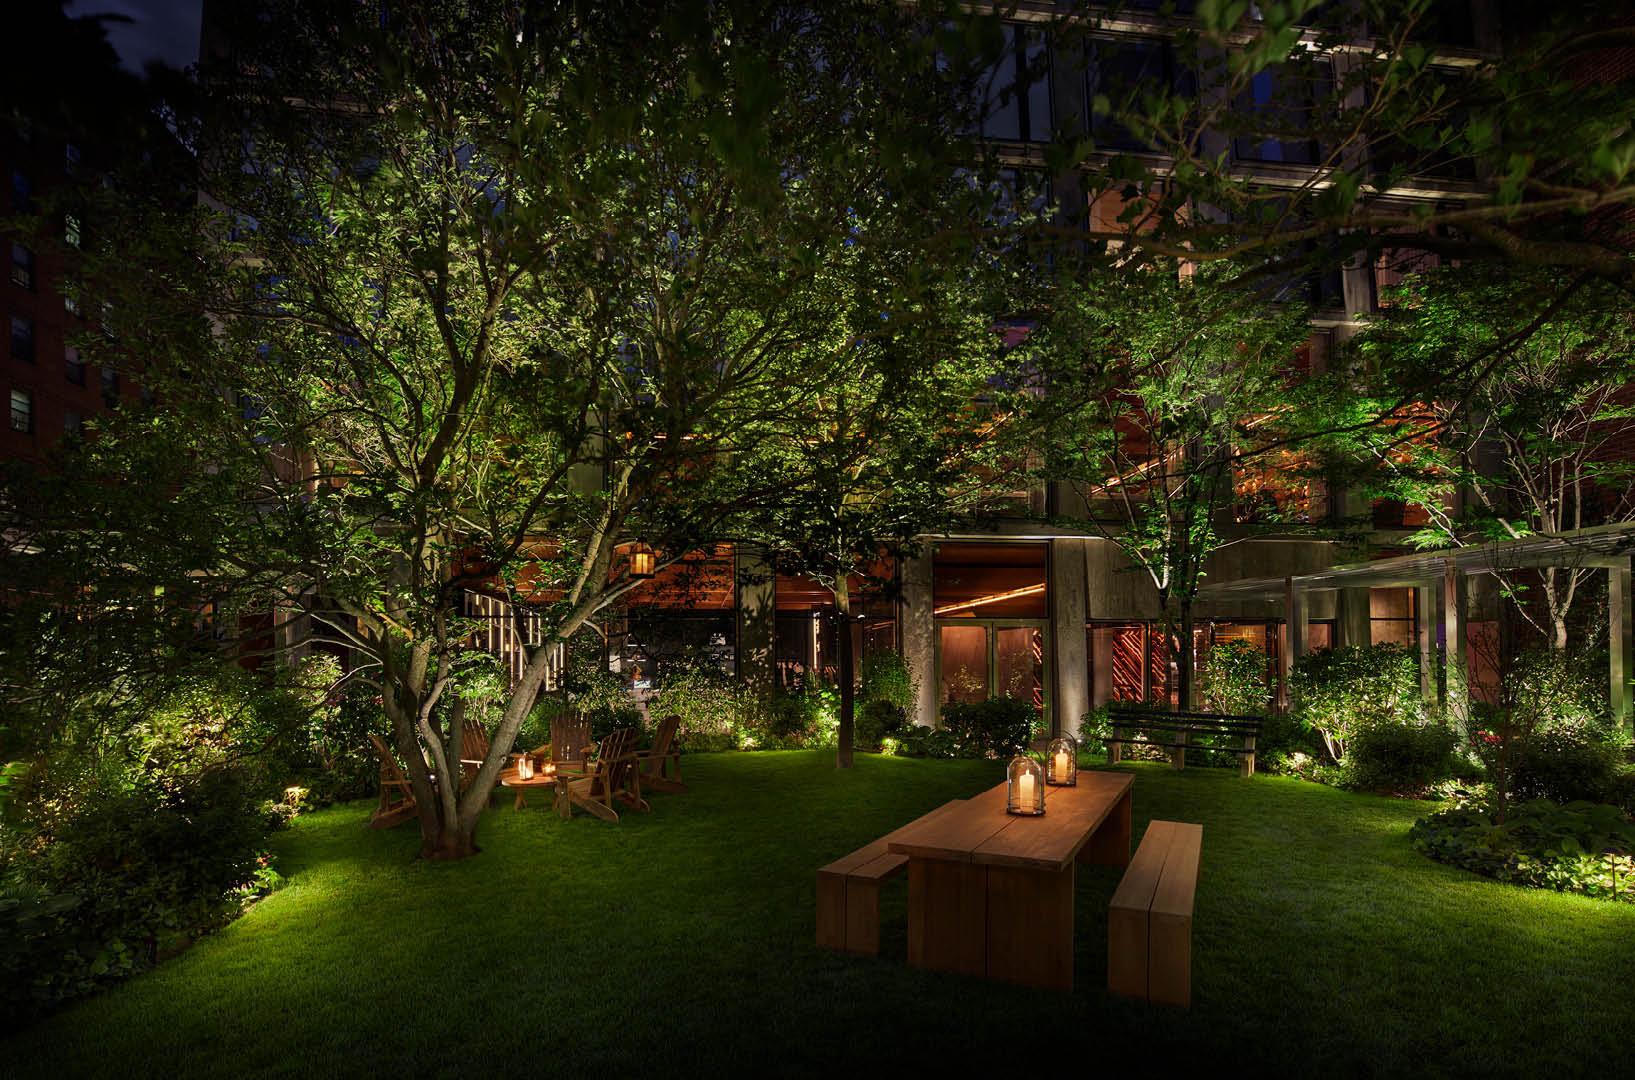 Das wohl angesagteste Hotel in SoHo, NYC: Das Public Hotel von Studio 54-Gründer Ian Schrager 4